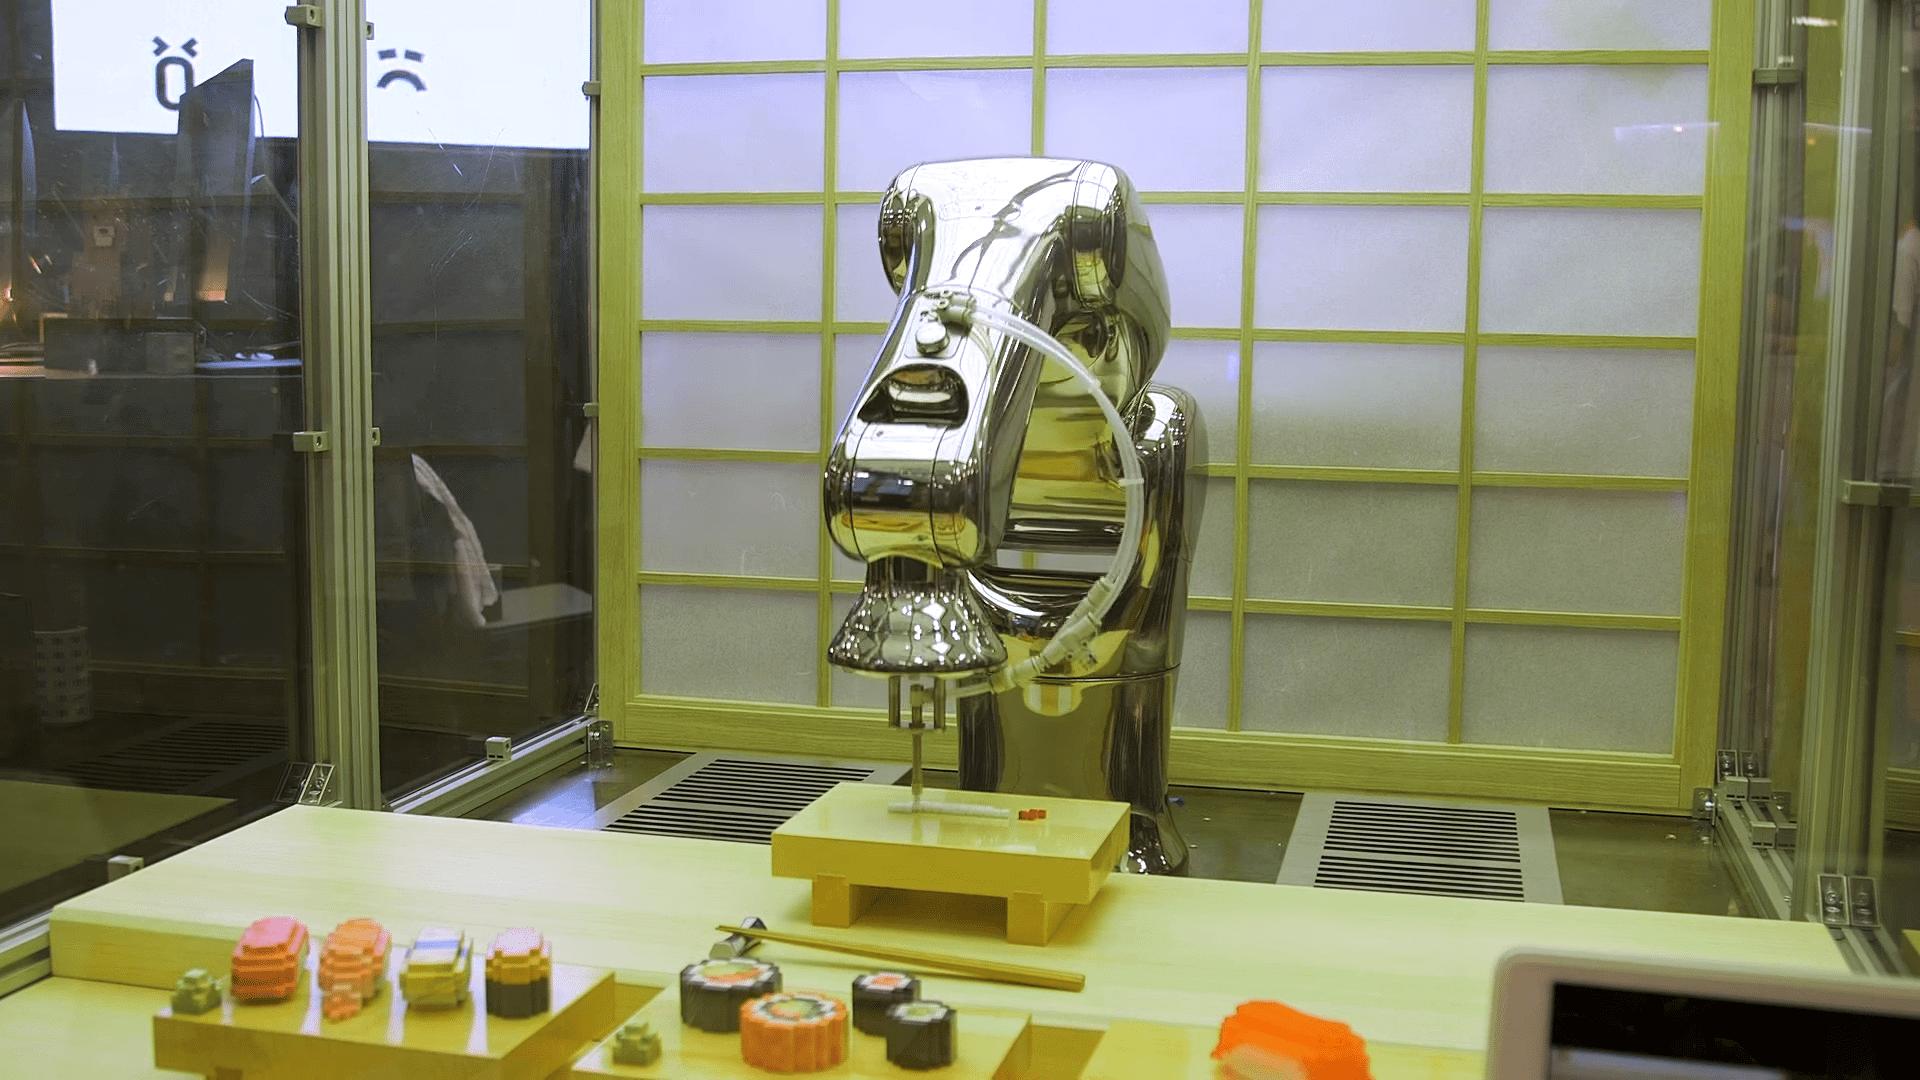 Captura de Tela 176 - SXSW: Conheça o robô que faz sushi e a mochila a jato que te faz dar saltos maiores